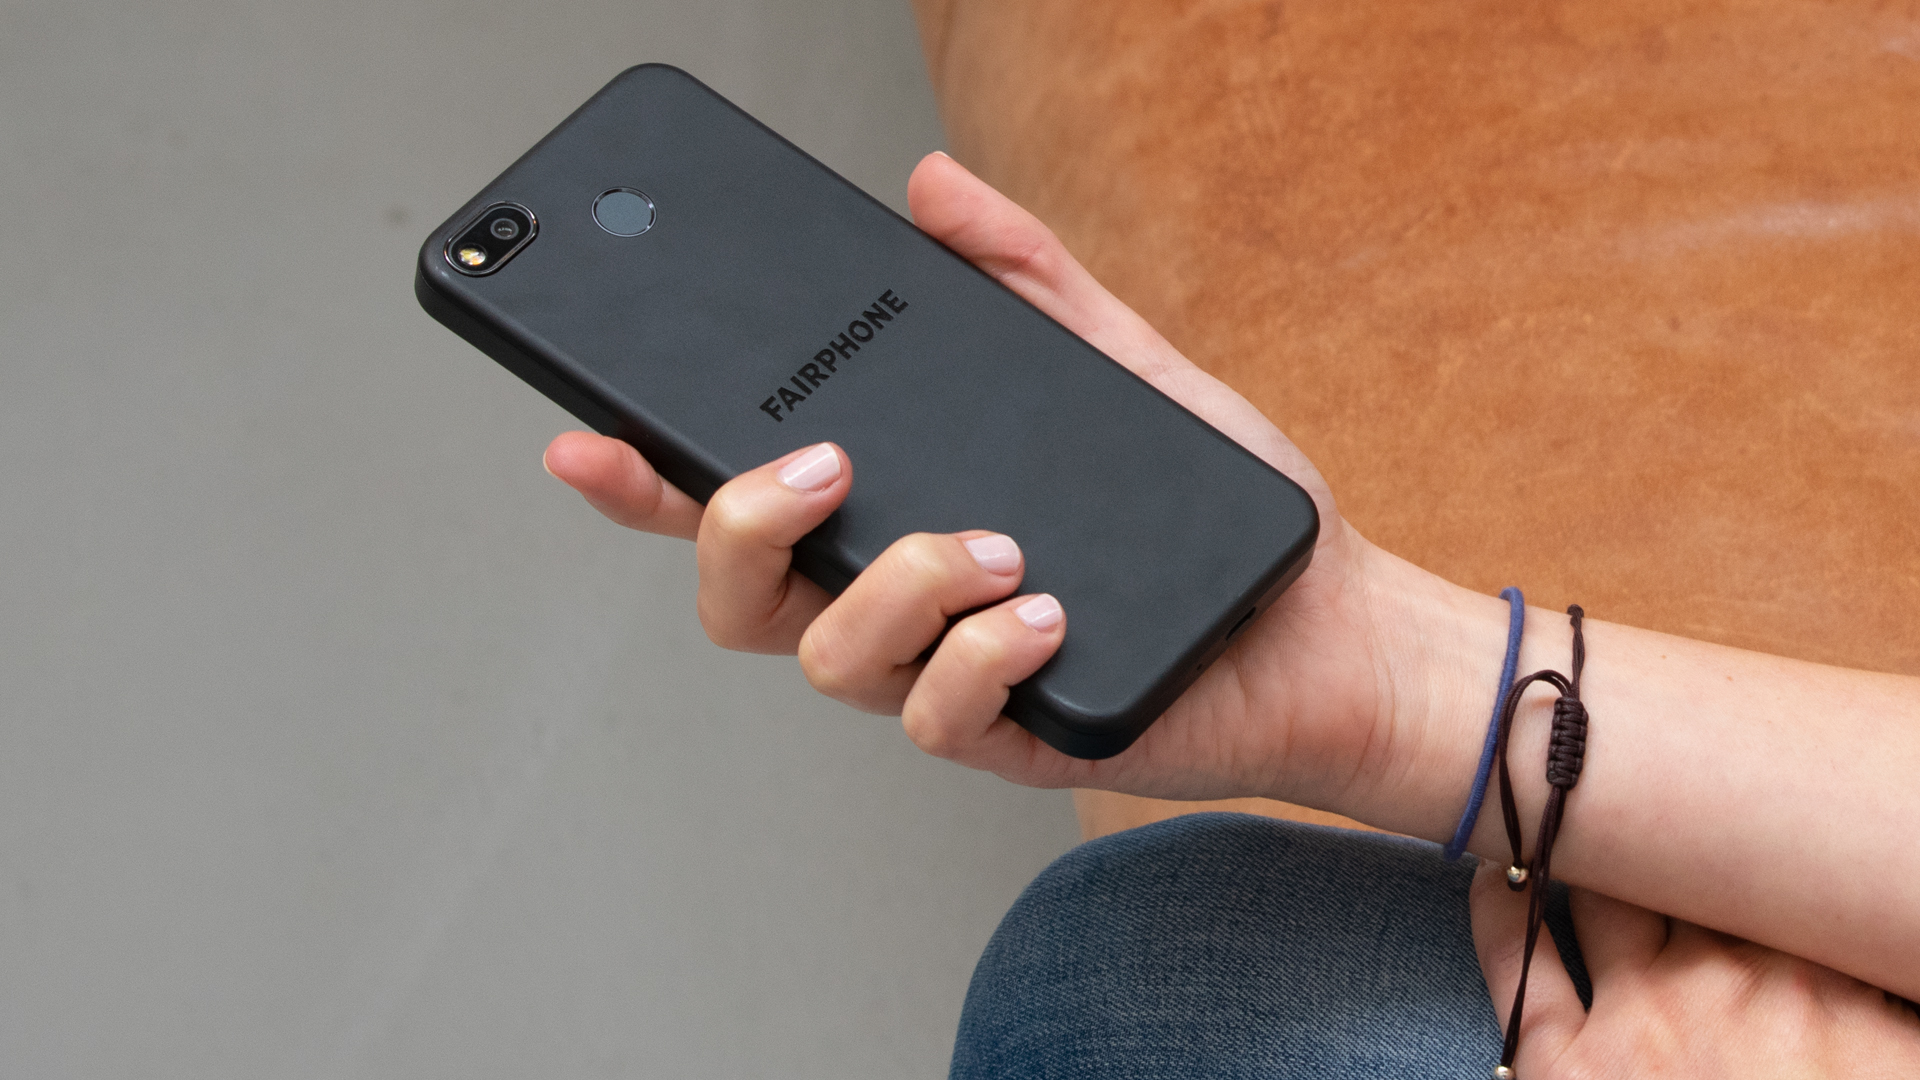 Das Fairphone 3+ in der Hand gehalten, zu sehen ist die Rückseite mit Kamera.